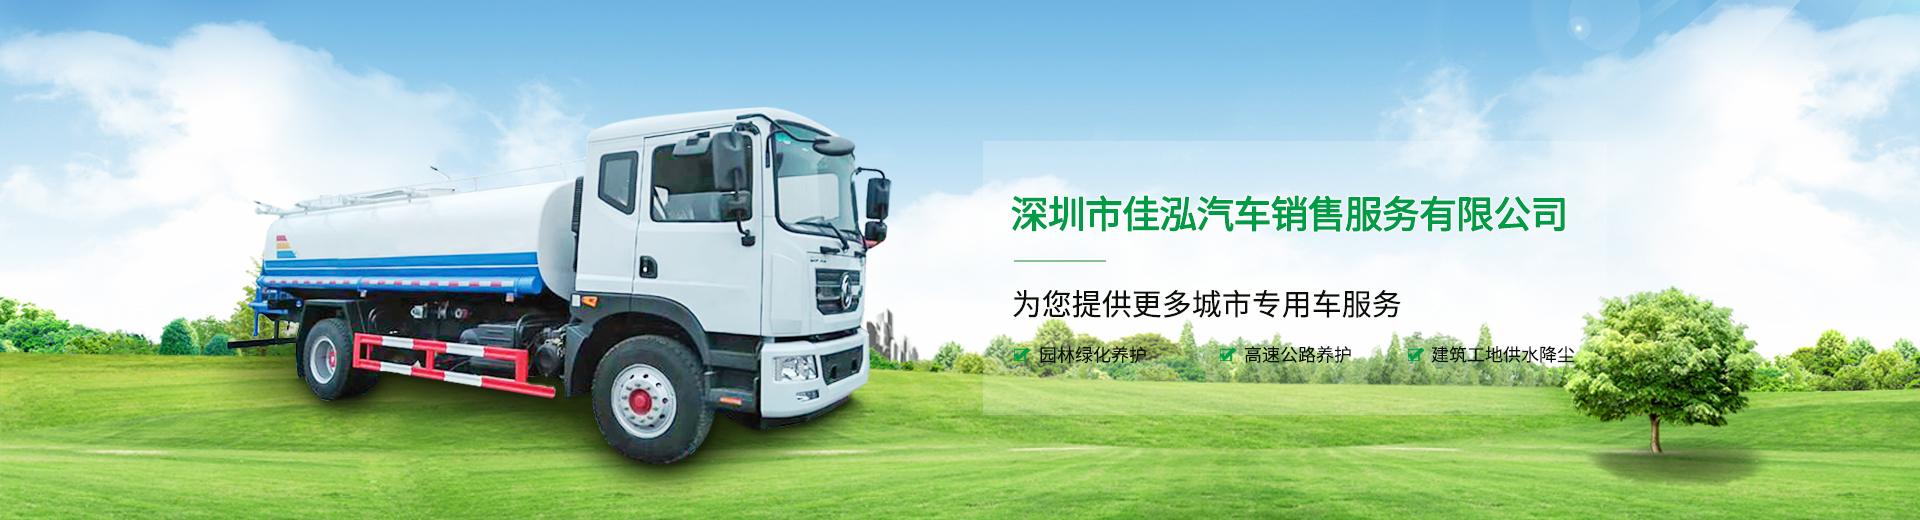 深圳佳泓专用车销售有限公司